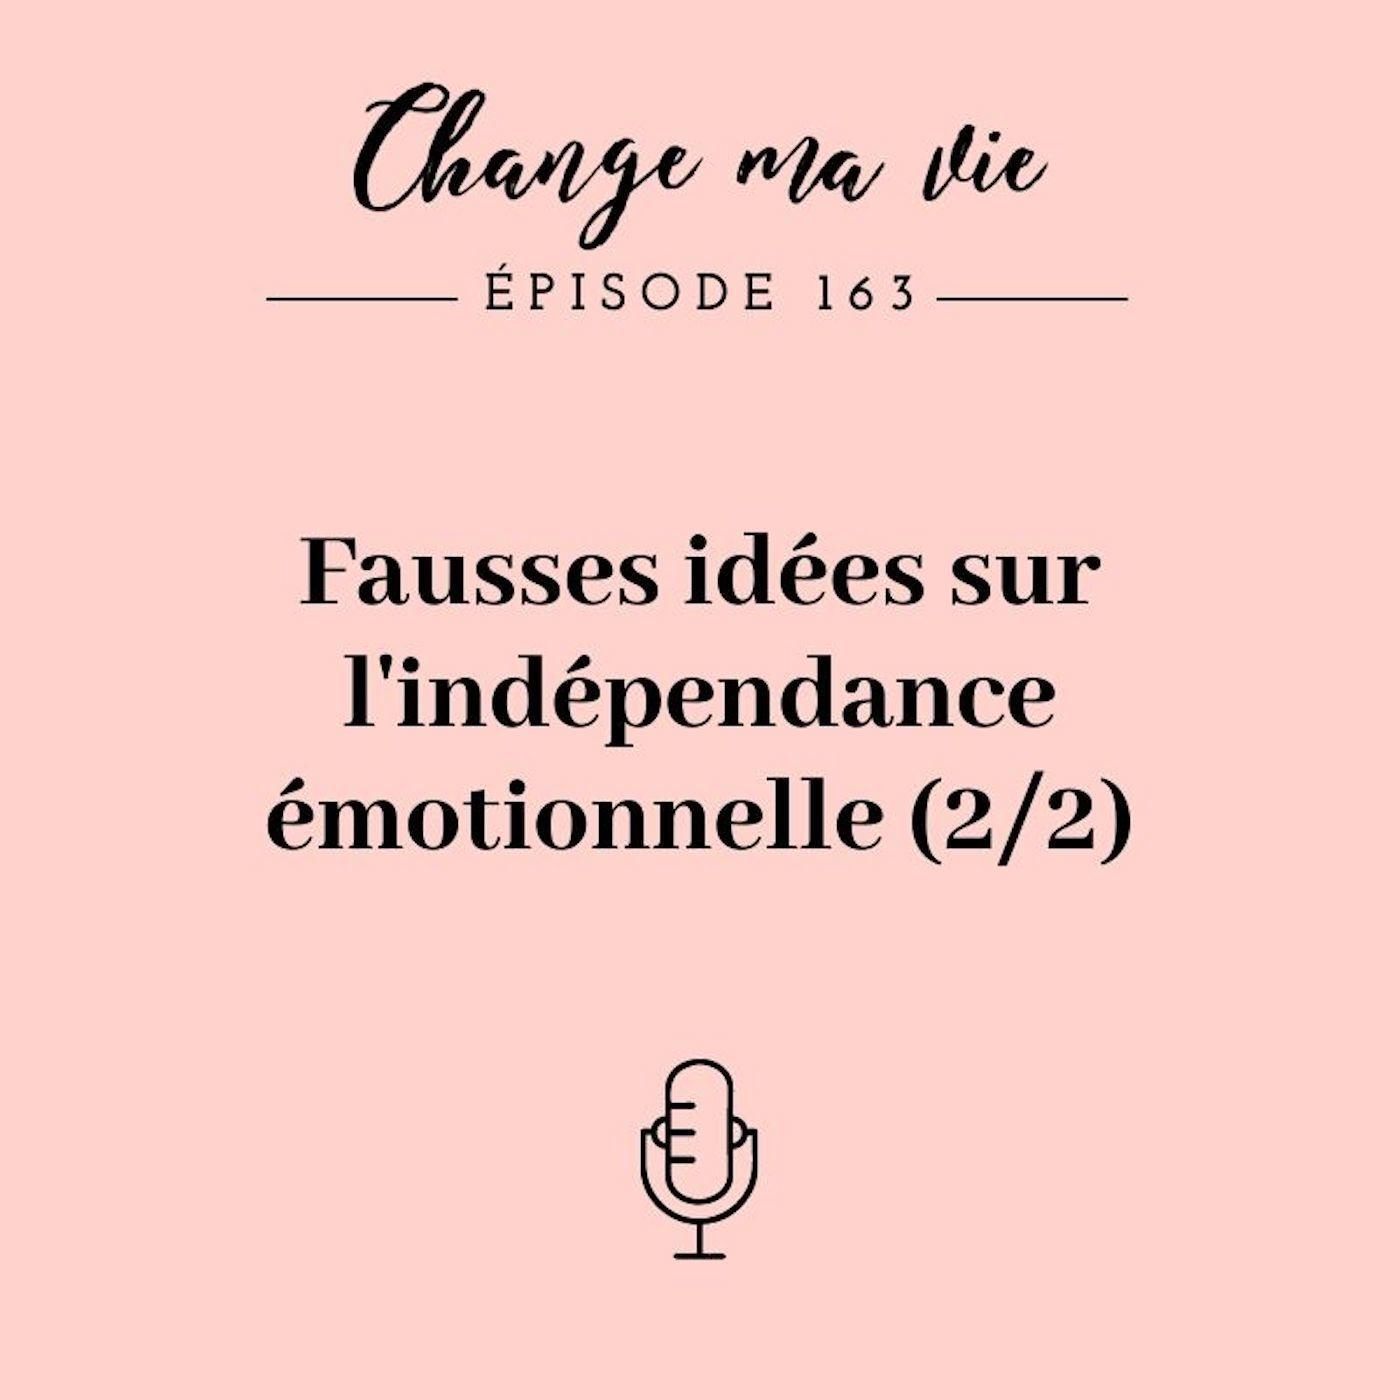 (163) Fausses idées sur l'indépendance émotionnelle (2/2)